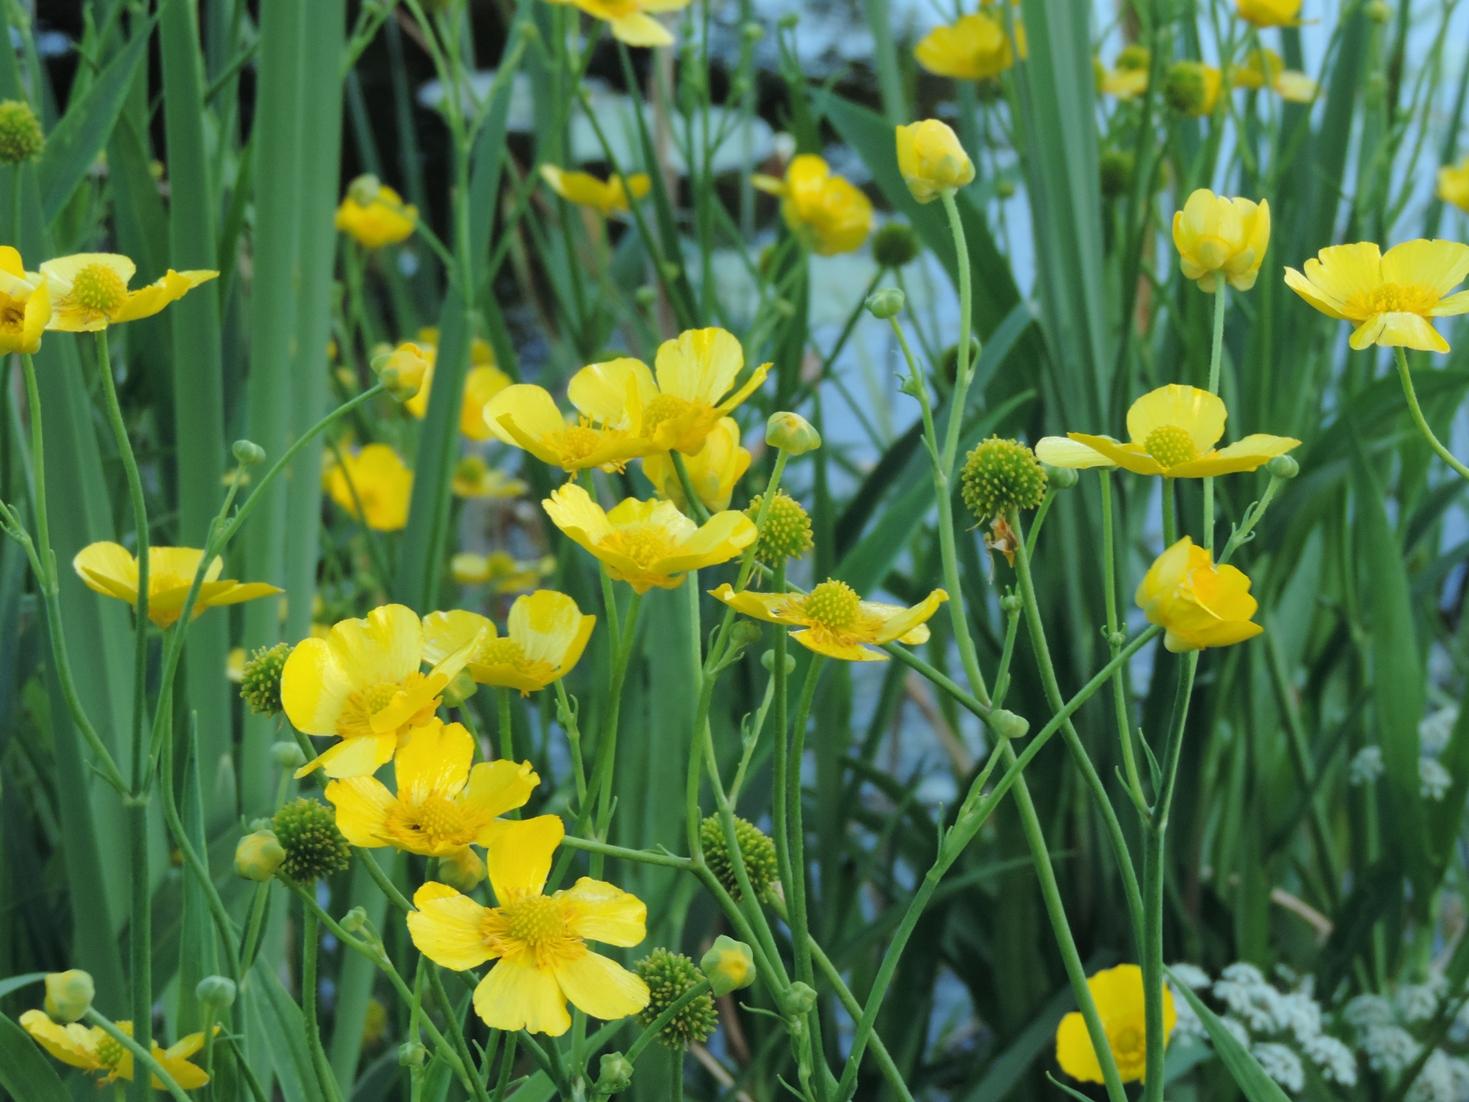 grote-boterbloem-bloemen.jpg